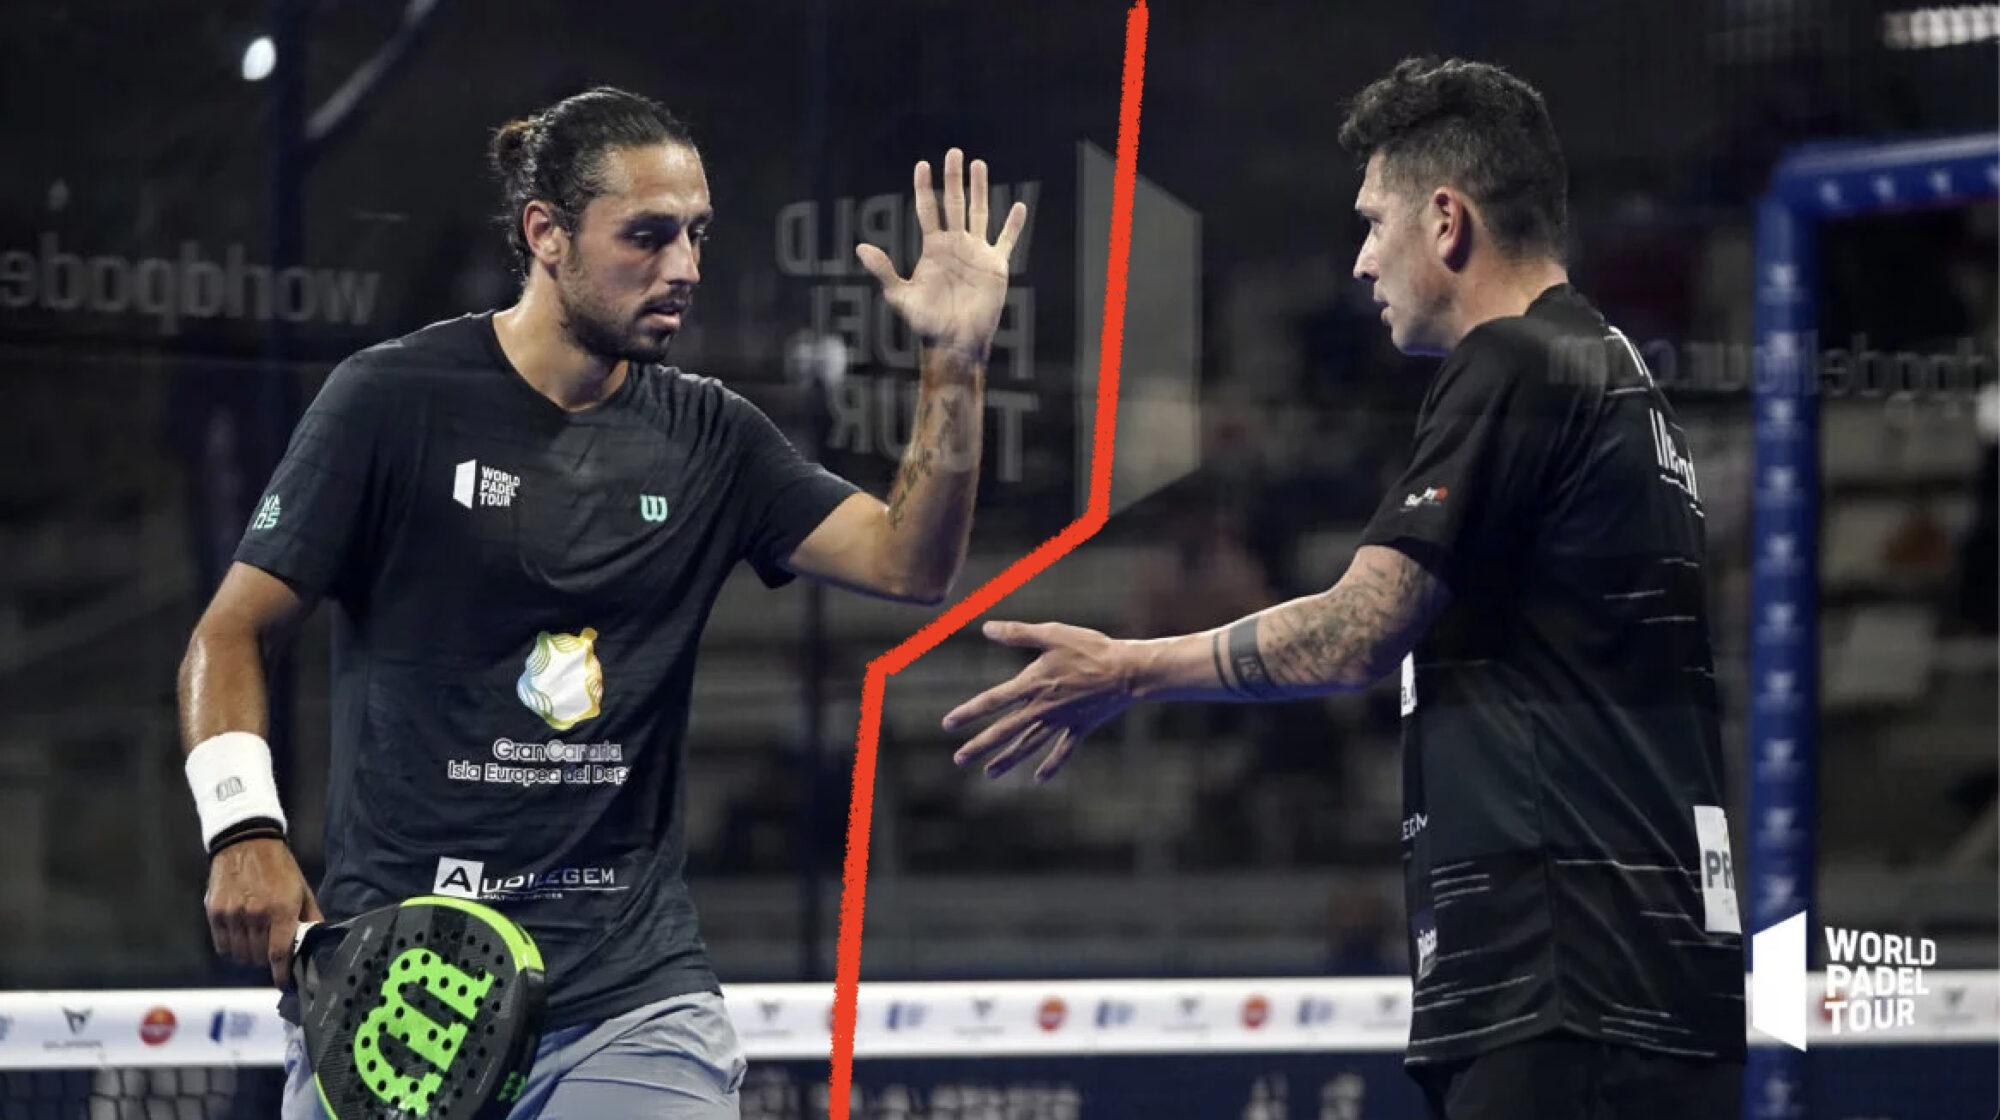 Pablo Lijo et Tito Allemandi Séparation WPT 2021 Padel